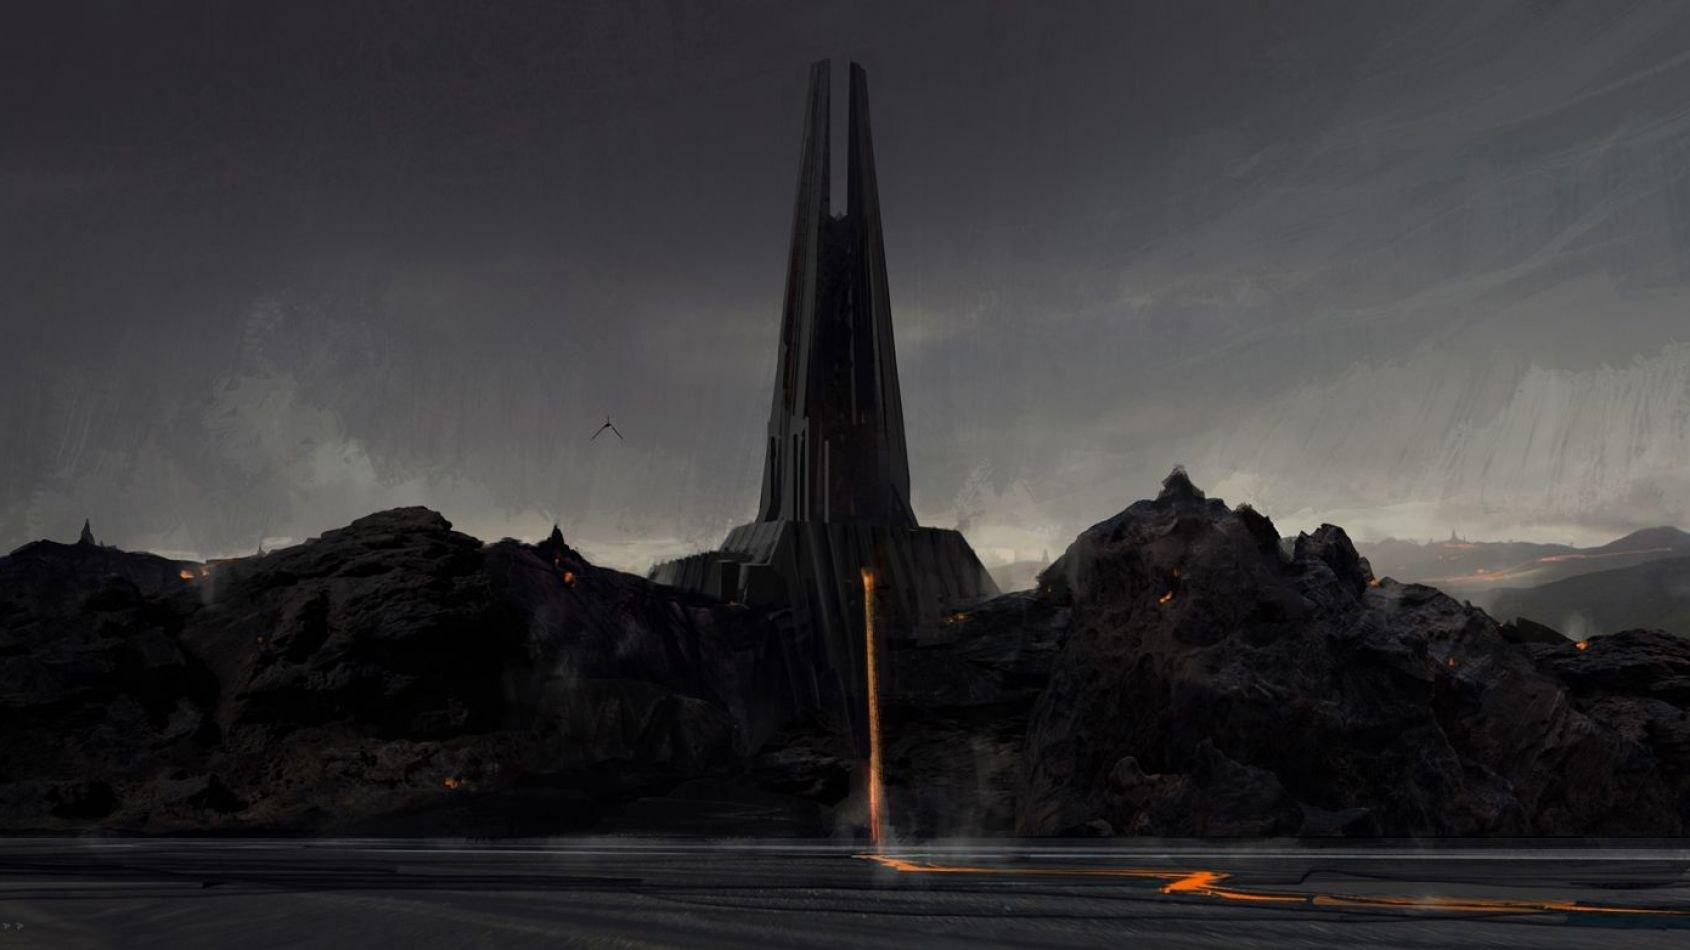 Le château de Dark Vador pourrait revenir dans de futurs films